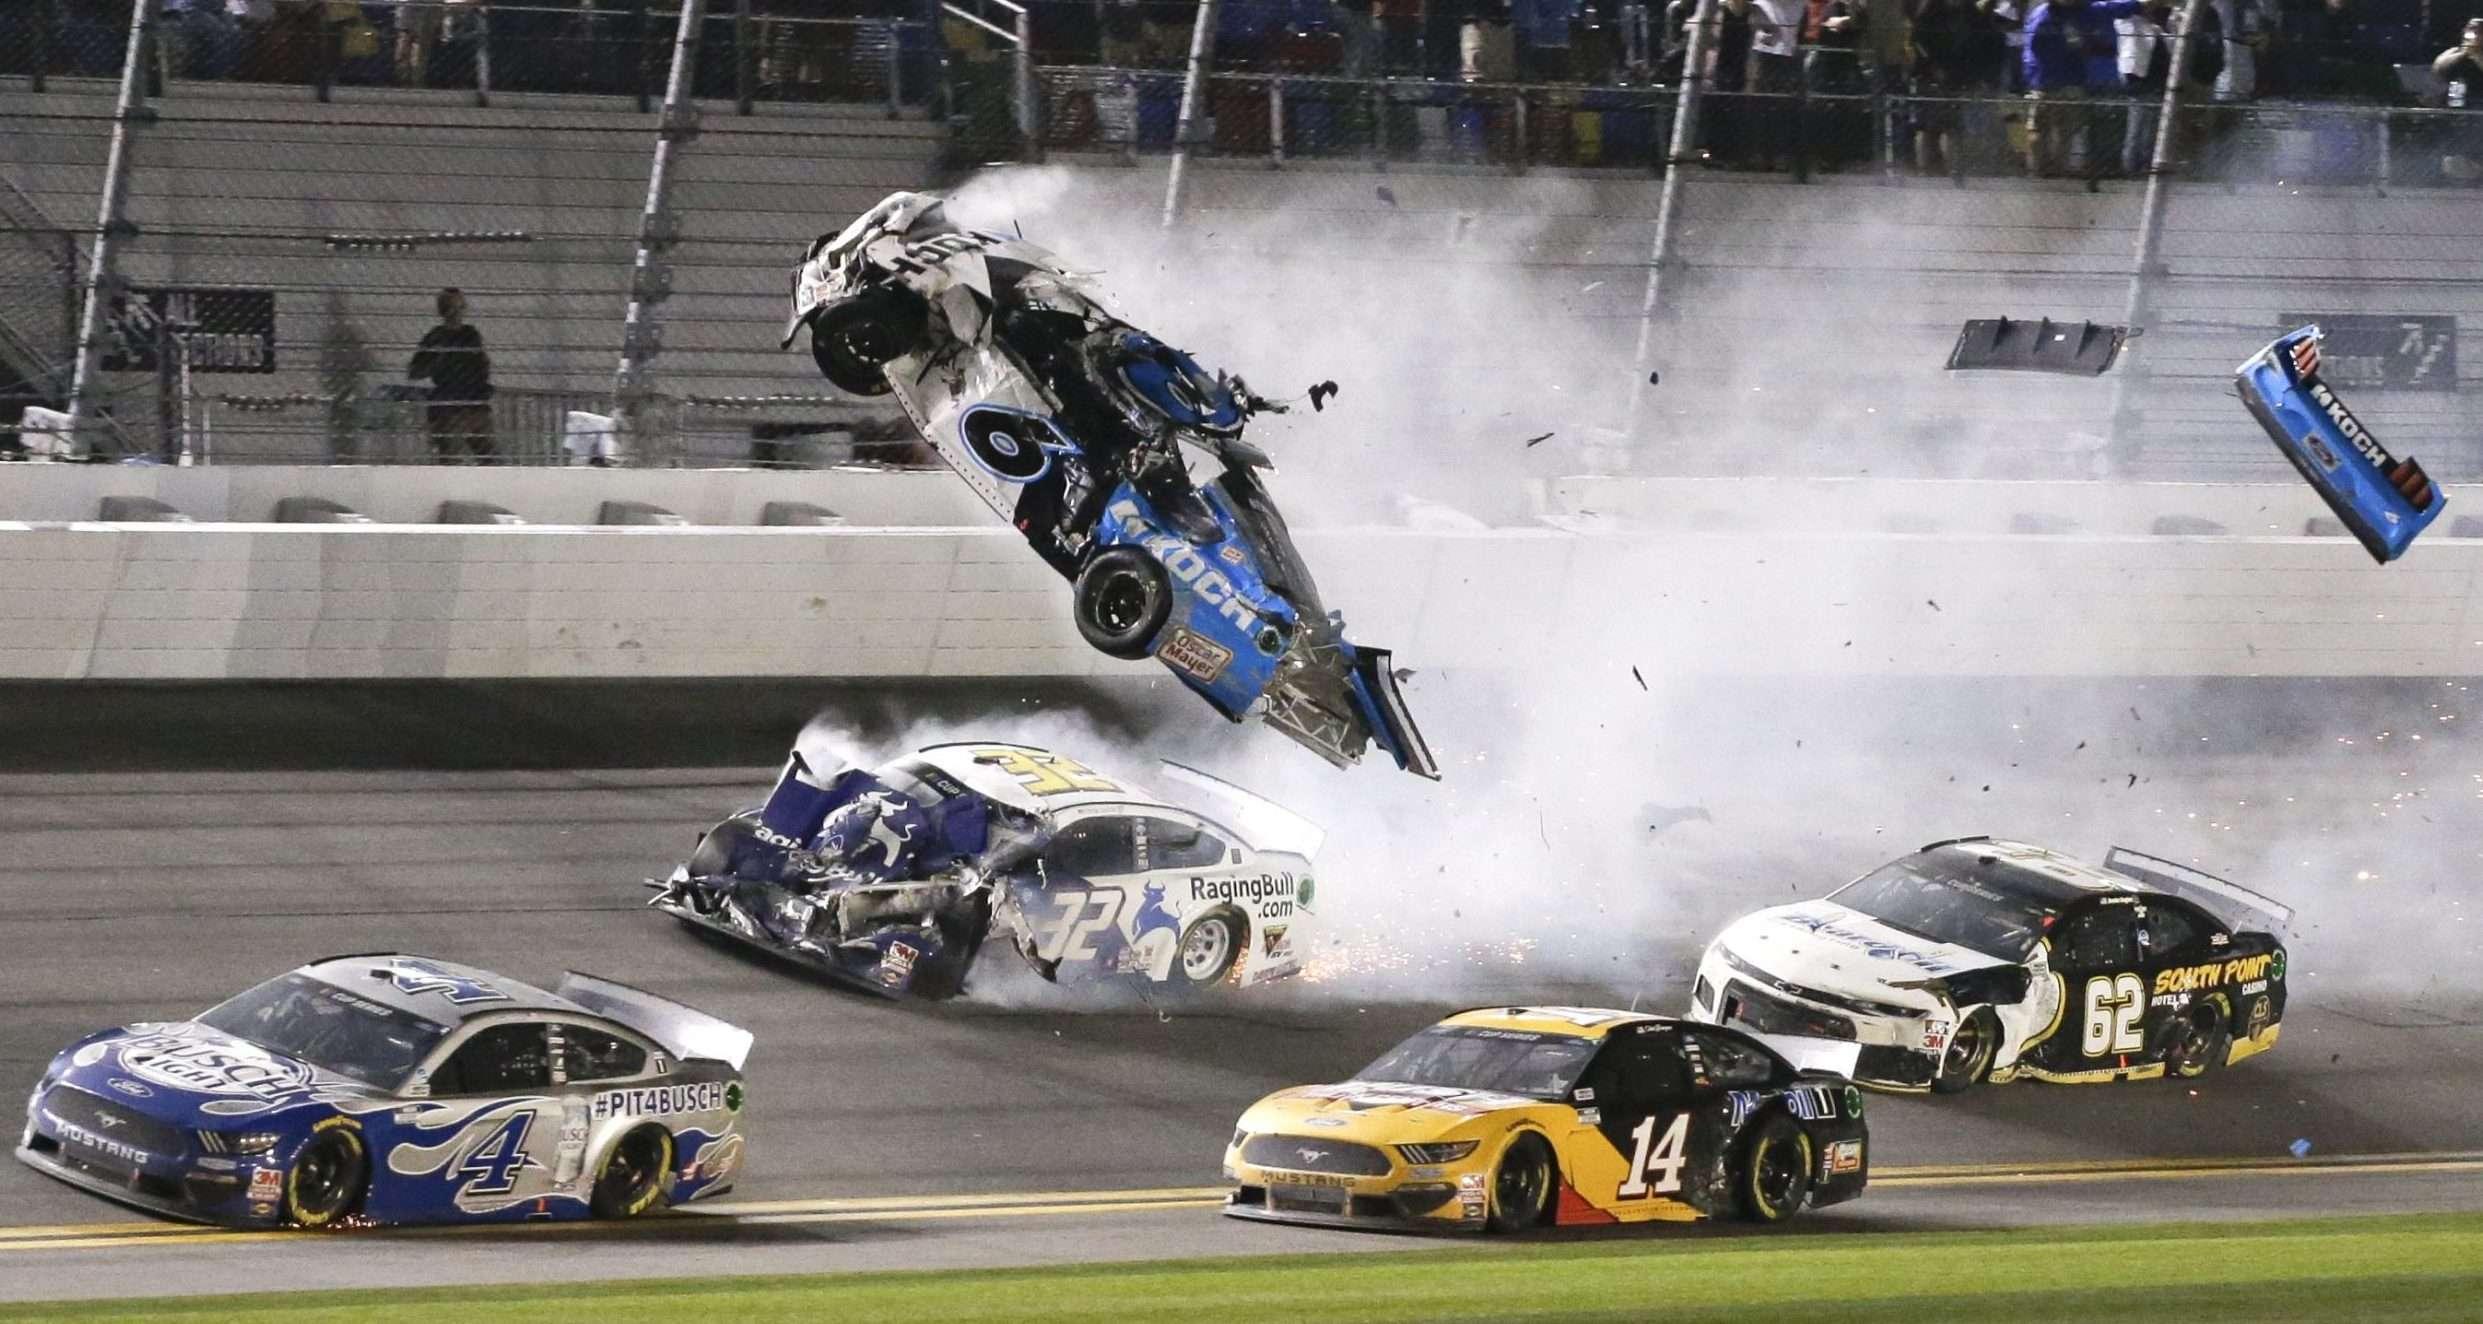 Ryan Newman-2020 Daytona 500-Denny Hamlin-Dale Earnhardt-Ryan Newman crash at Daytona-